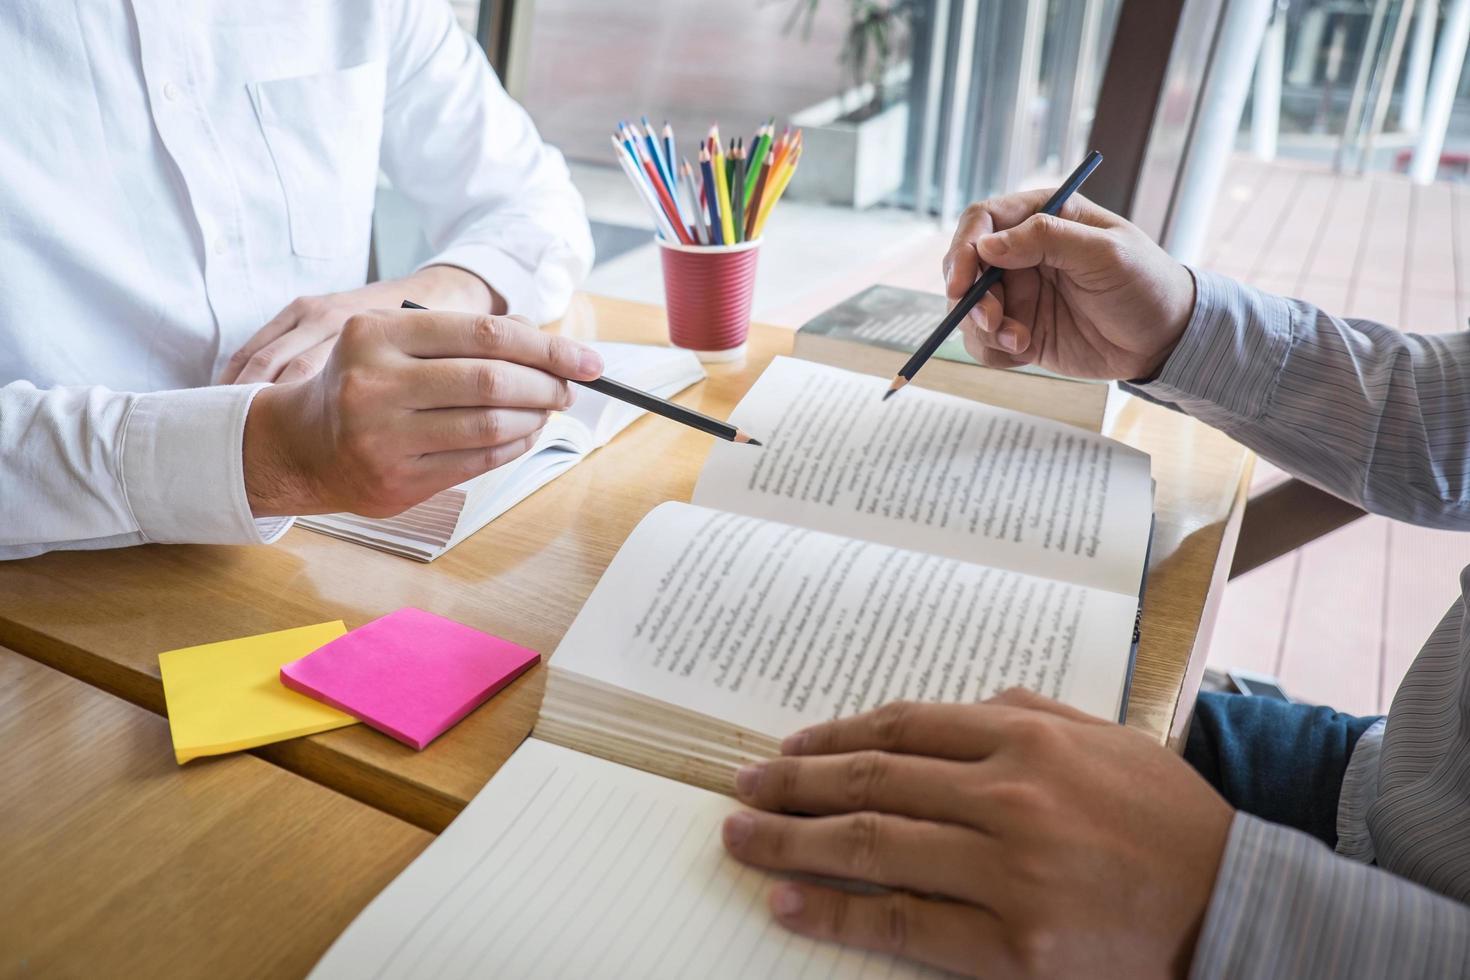 två personer som studerar och pekar på text i boken foto